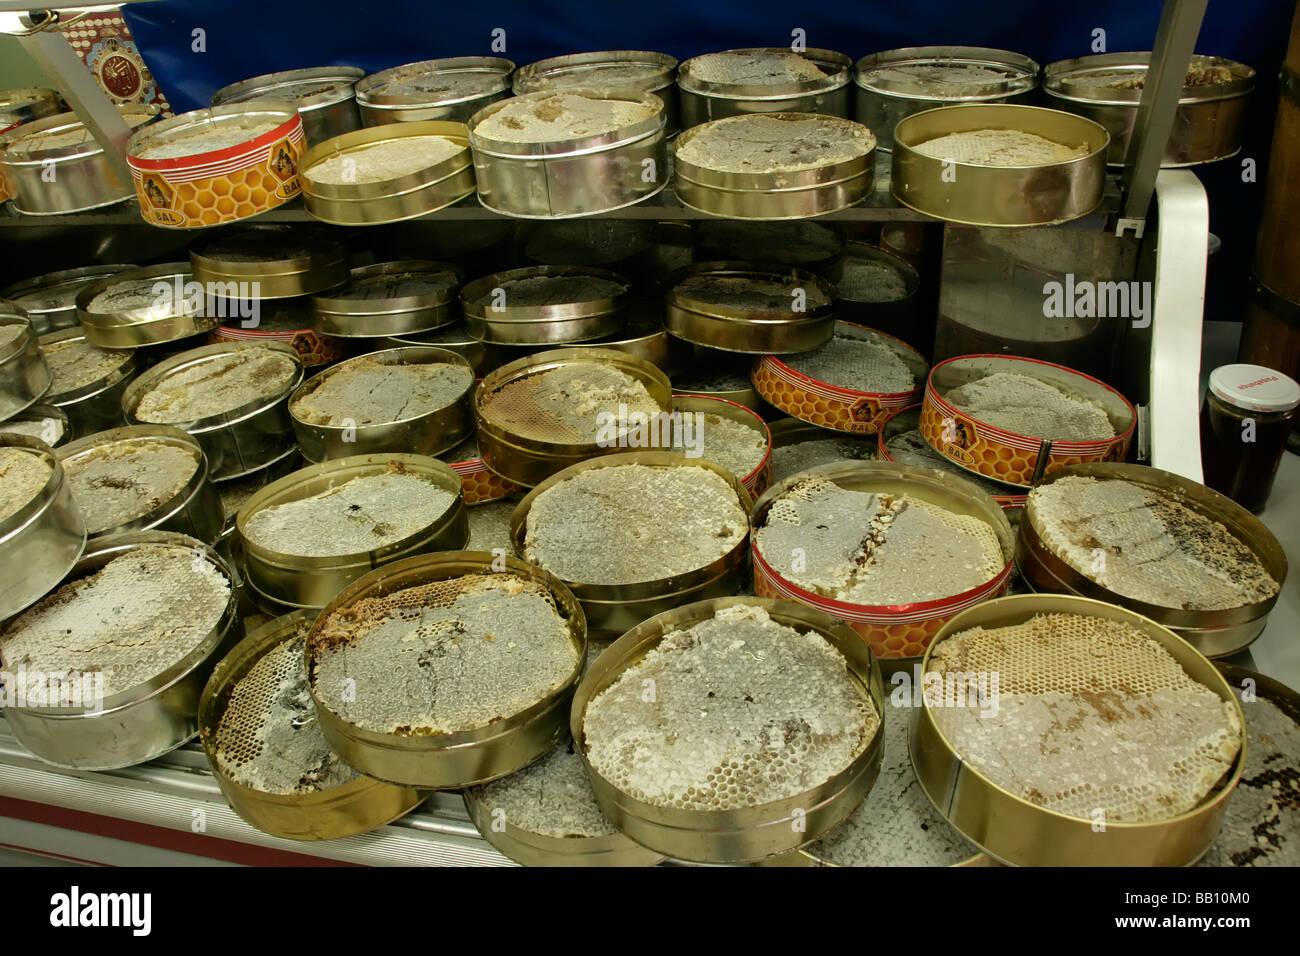 Honig auf dem Kamm am Balci Nuri im Bereich Zeyrek von Istanbul, Türkei Stockfoto